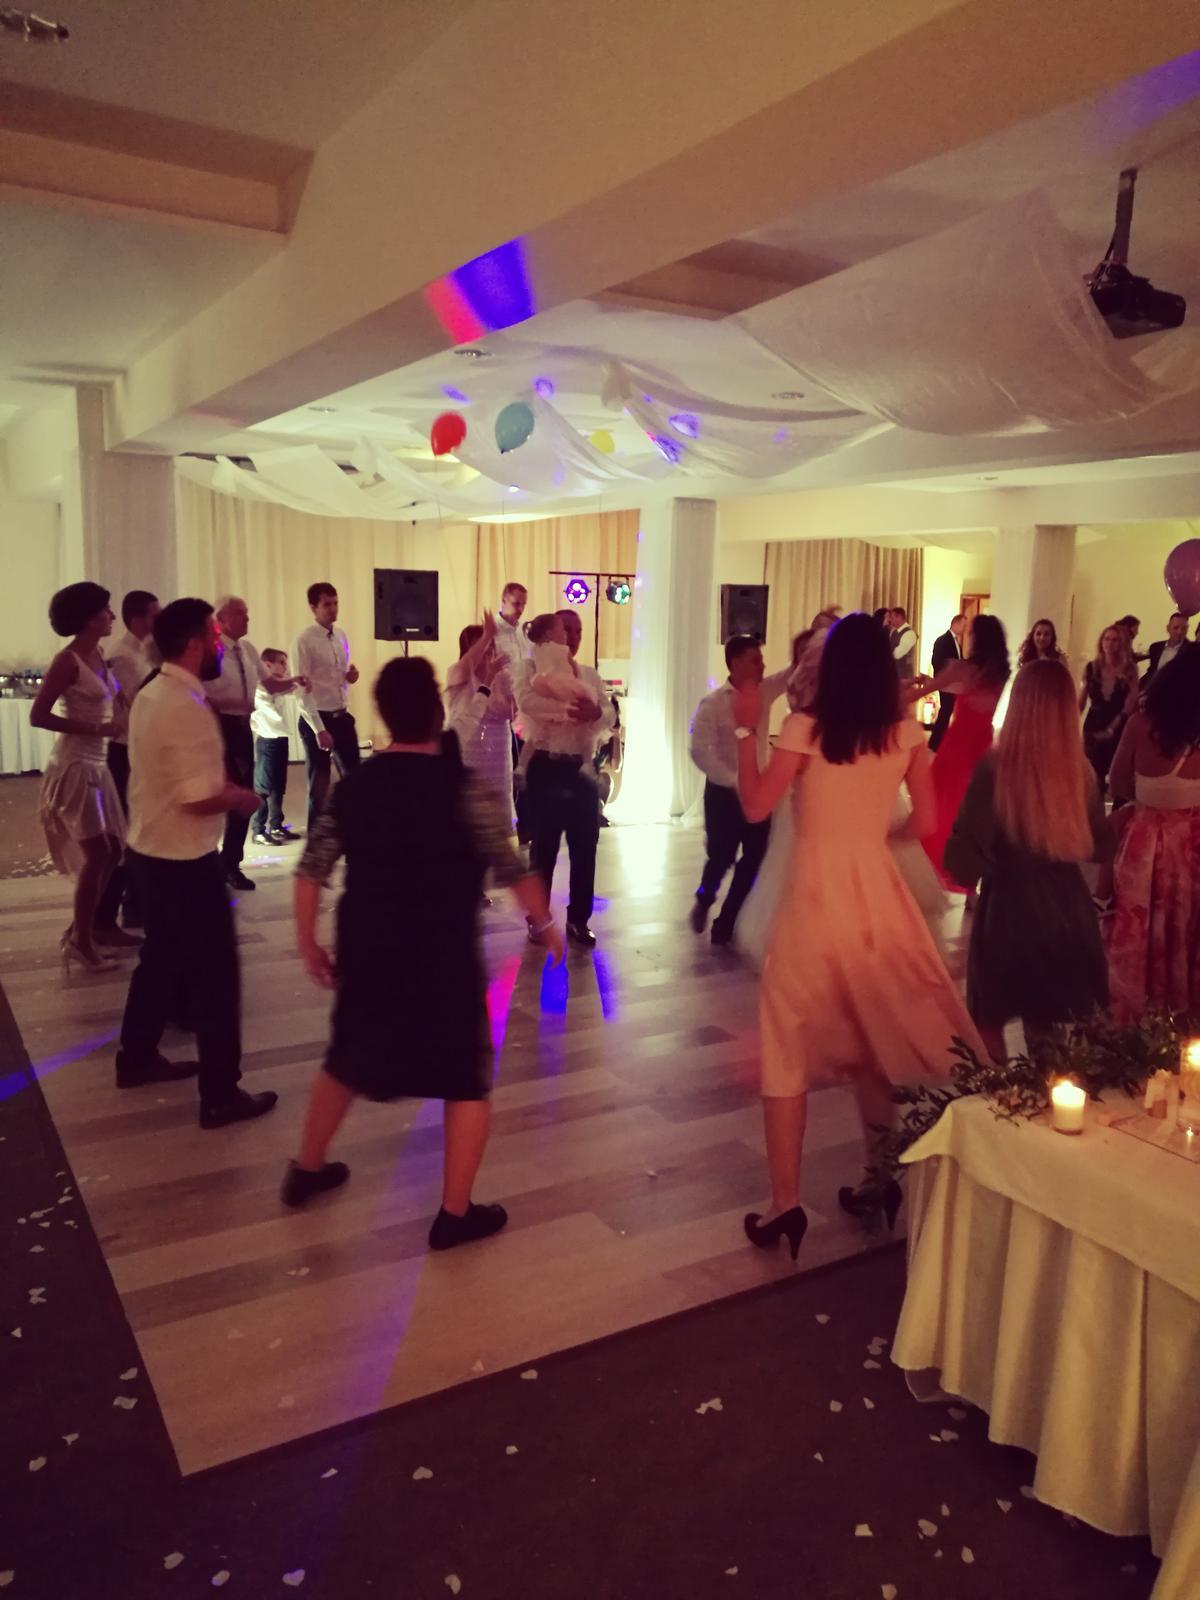 Hotel a jazdecký areál Rozálka Pezinok - Andrejka a Richard, výborná svadobná dvojica so skvelými a vytrvalými tanečníkmi naokolo - Hotel a jazdecký areál Rozálka Pezinok - Andrejka a Richard, výborná dvojica so skvelými a vytrvalými tanečníkmi naokolo